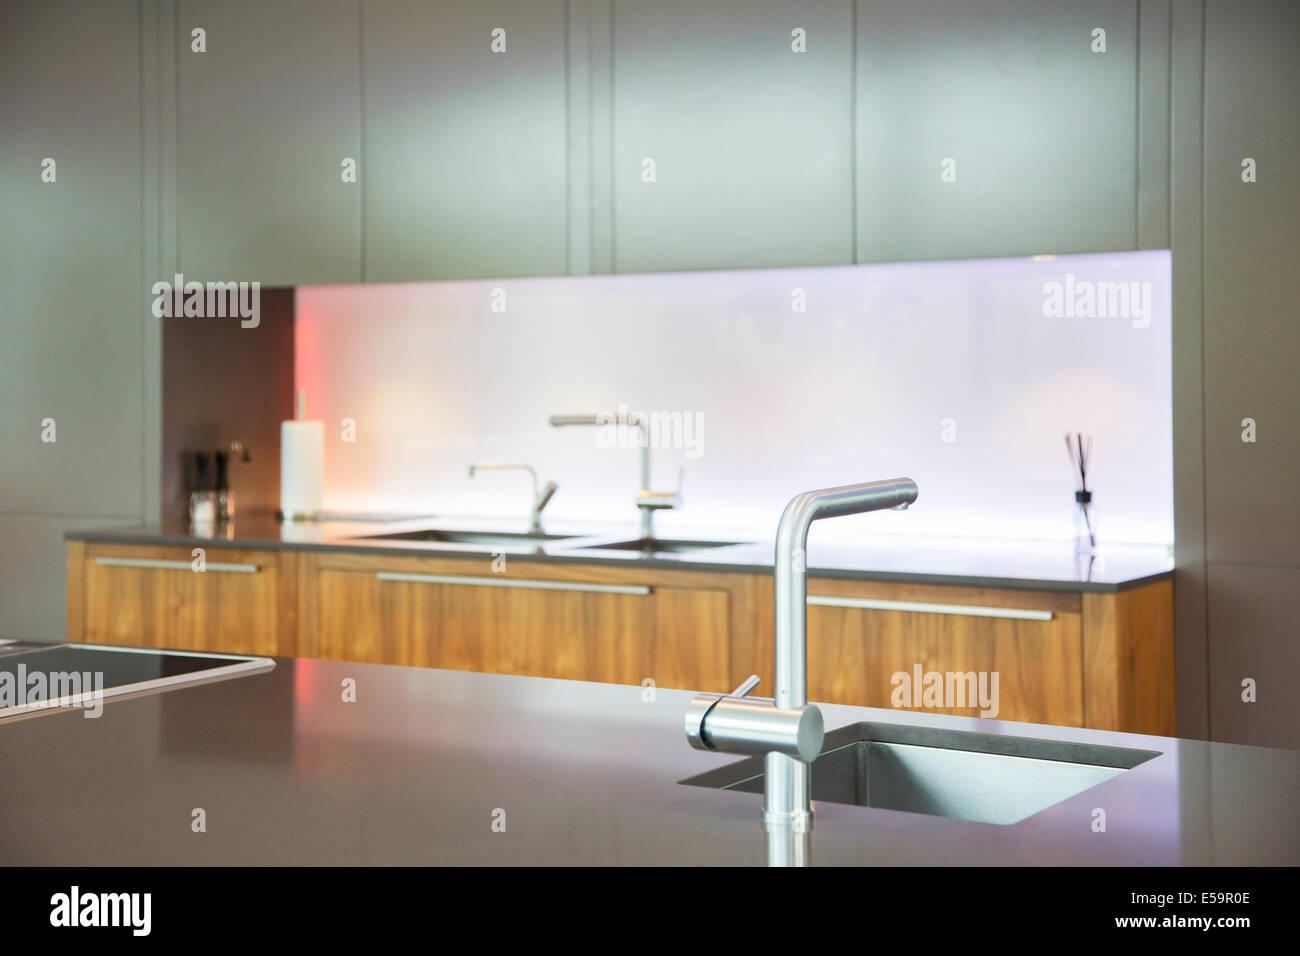 Pias E Torneiras De Cozinha Moderna Foto Imagem De Stock 72130366